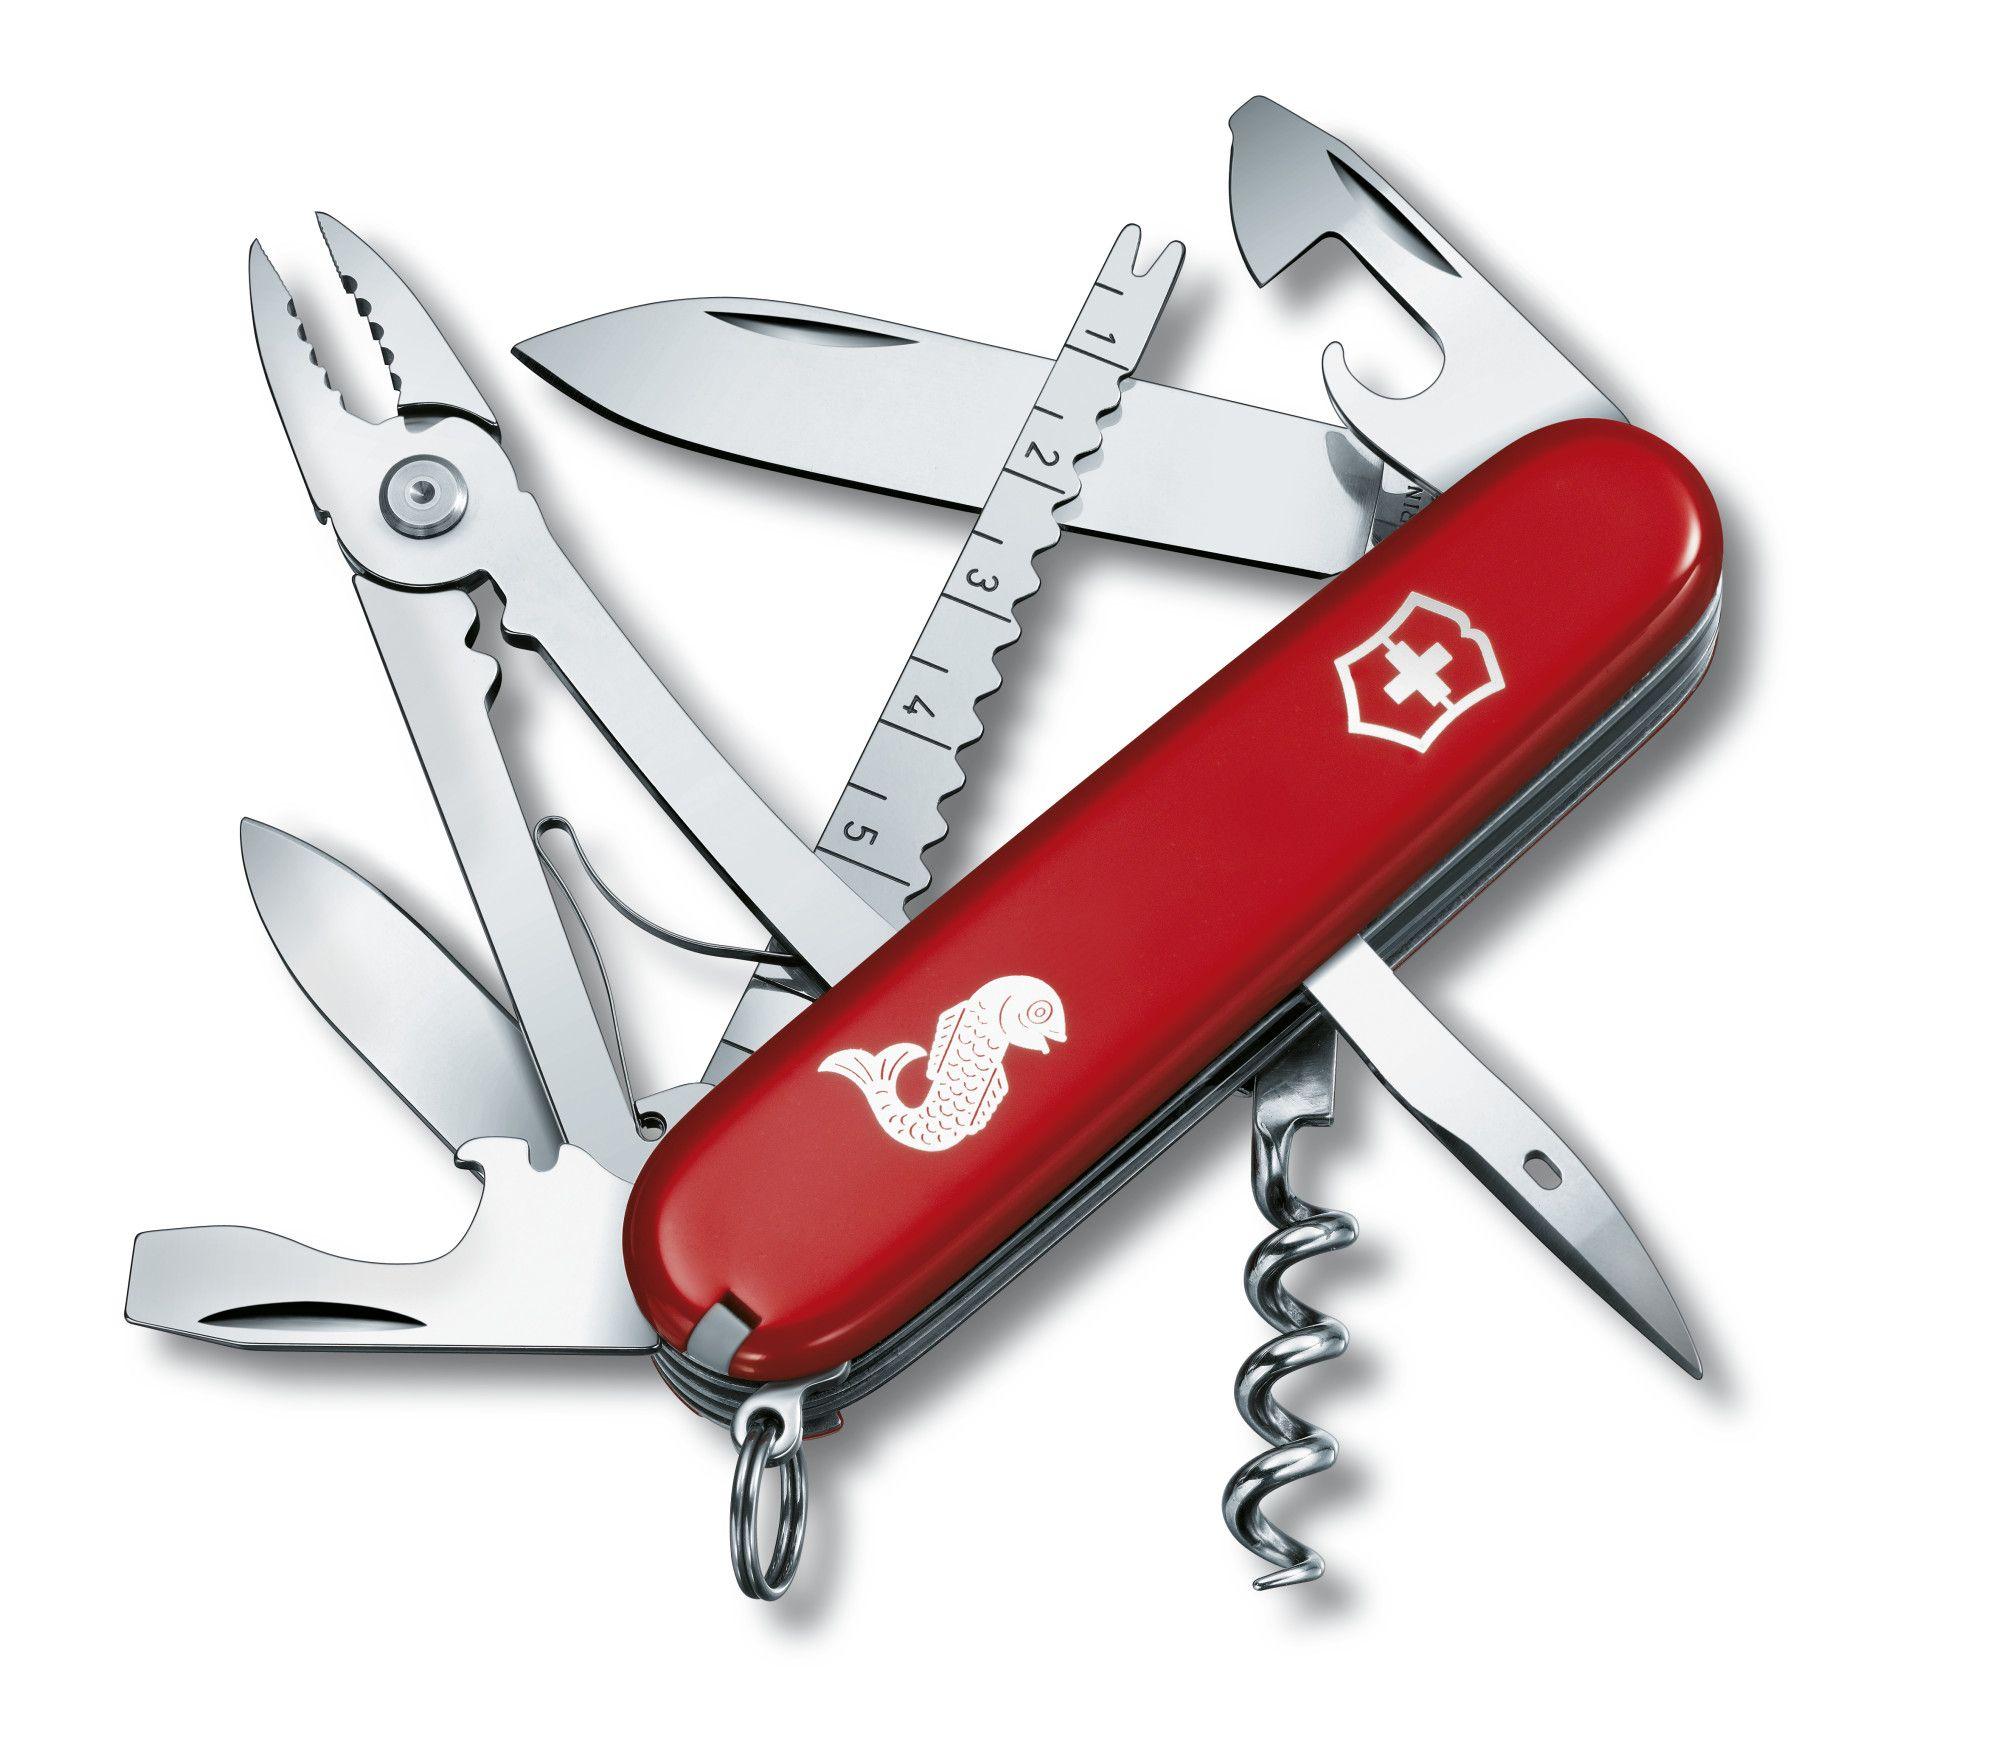 Canivete Suíço Victorinox Angler Vermelho 18 funções Original 1.3653.72  - Mix Eletro